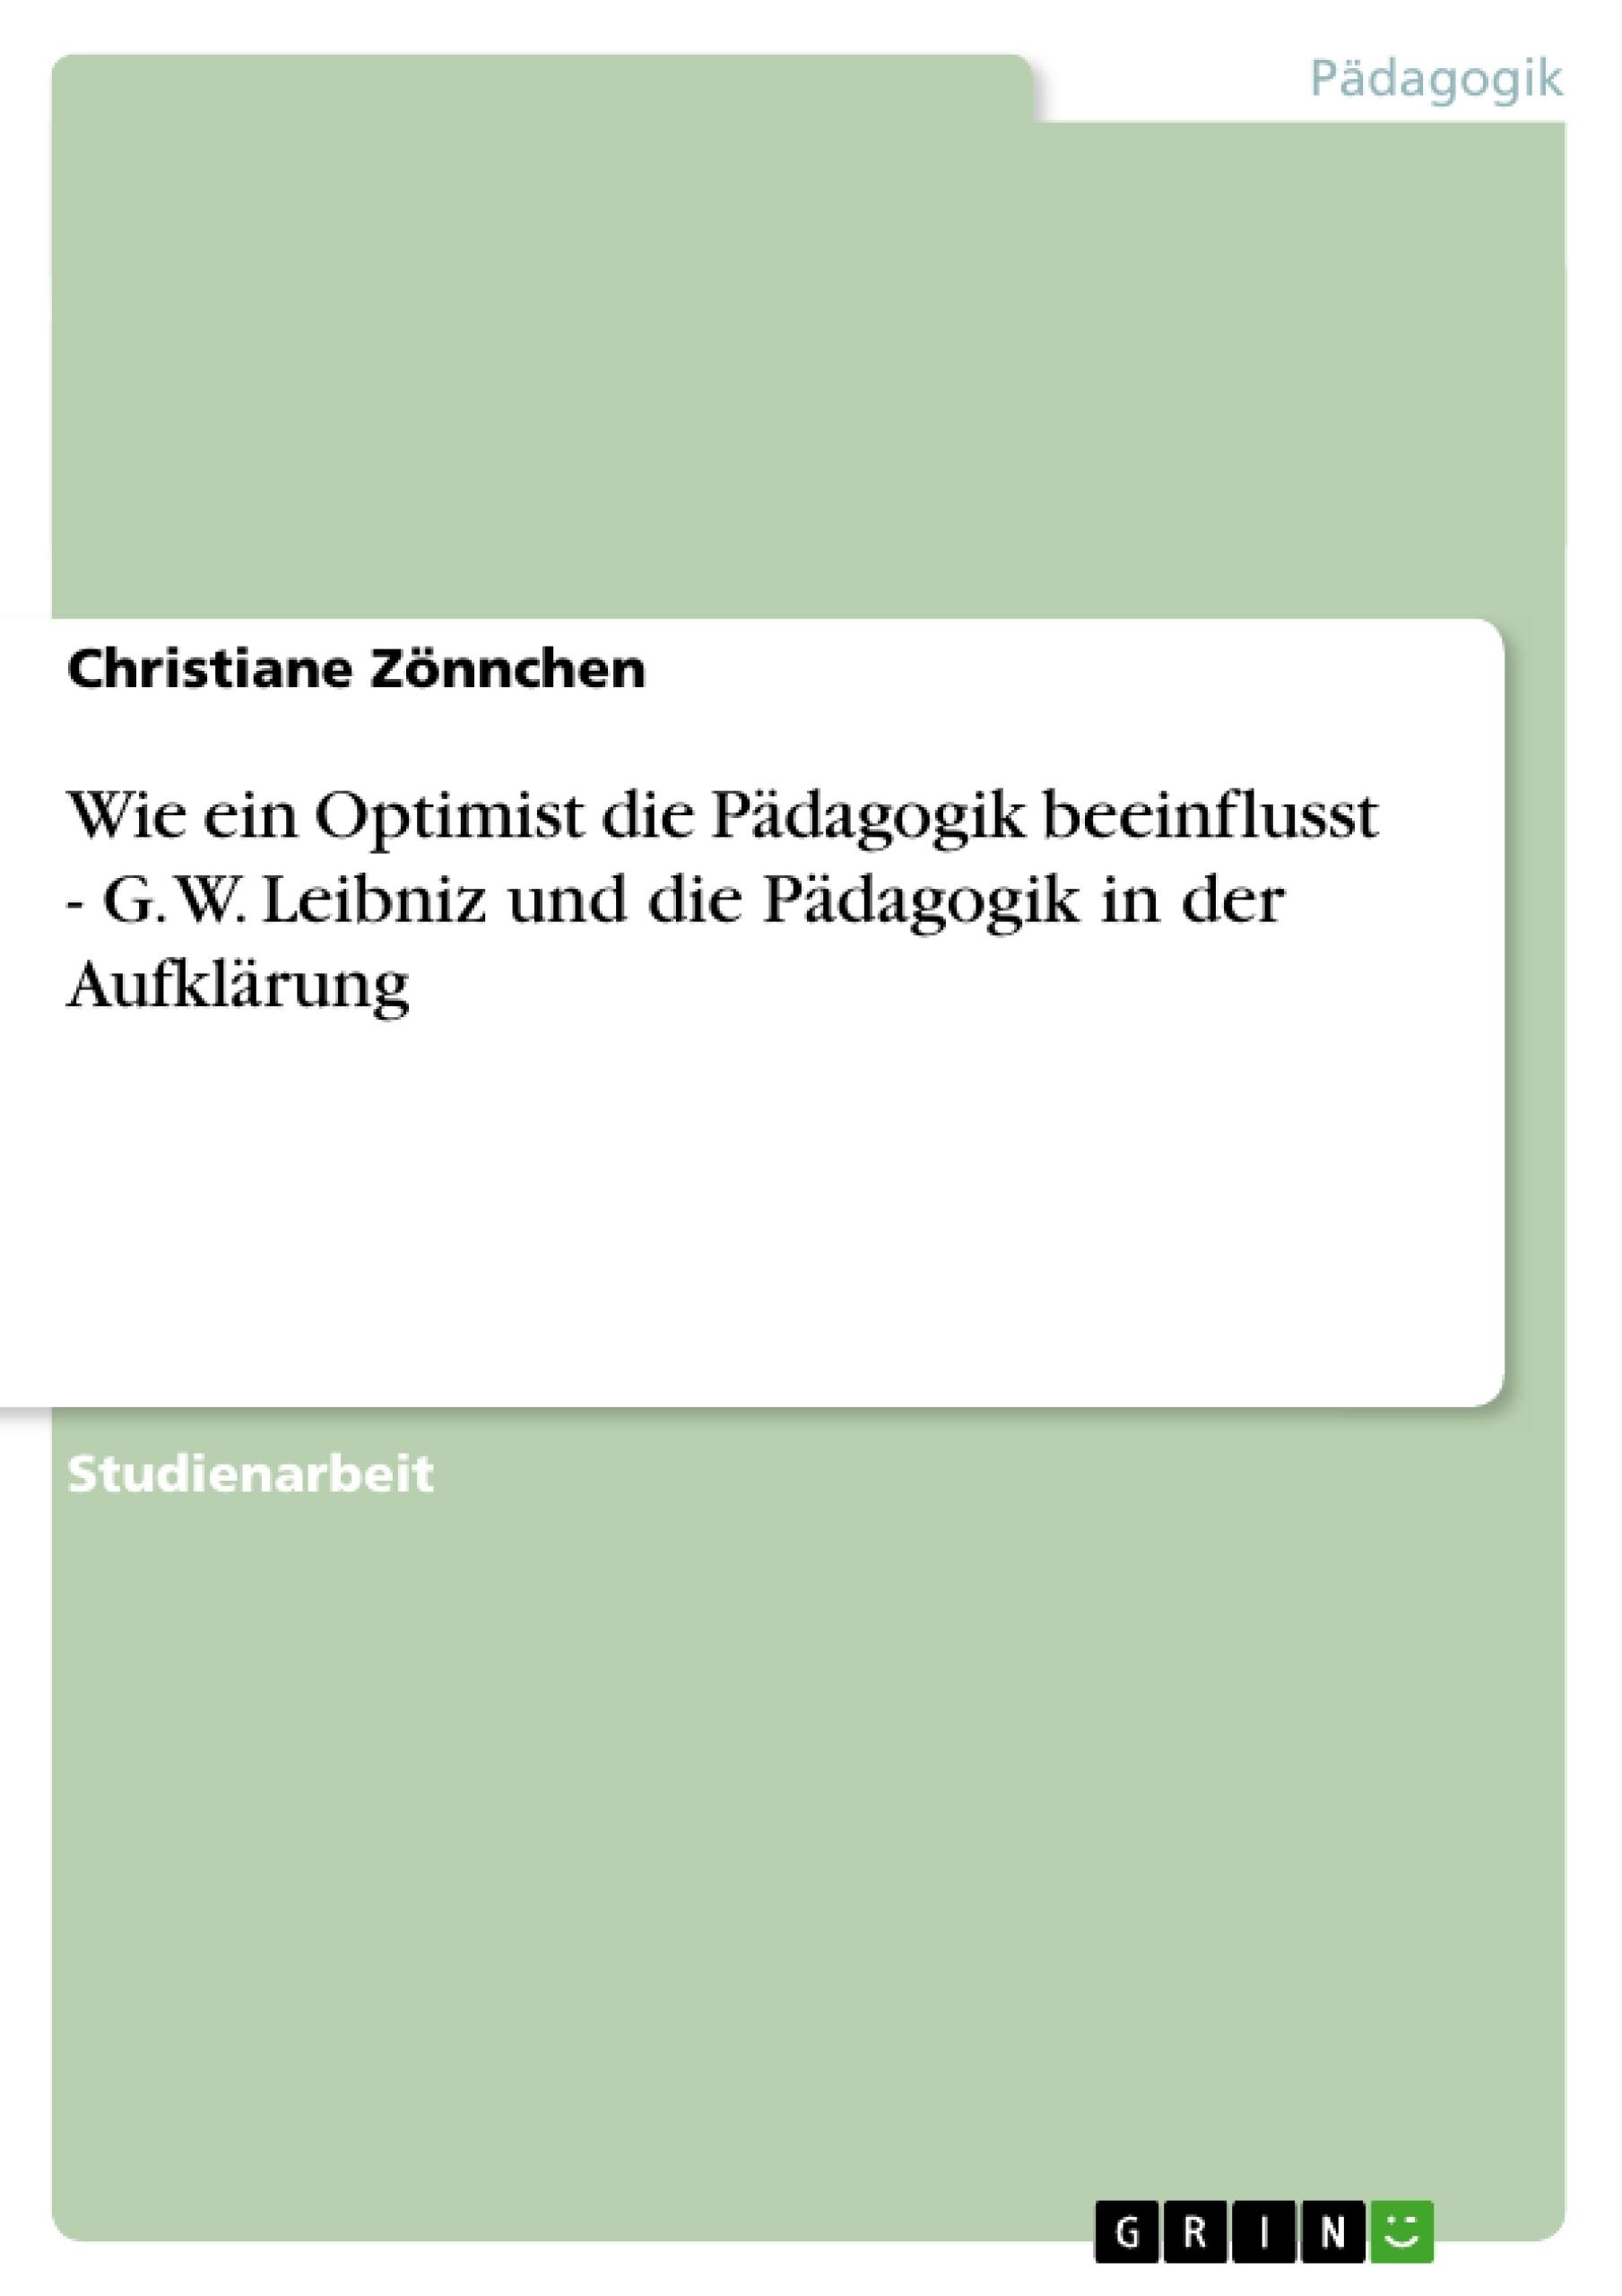 Titel: Wie ein Optimist die Pädagogik beeinflusst - G. W. Leibniz und die Pädagogik in der Aufklärung